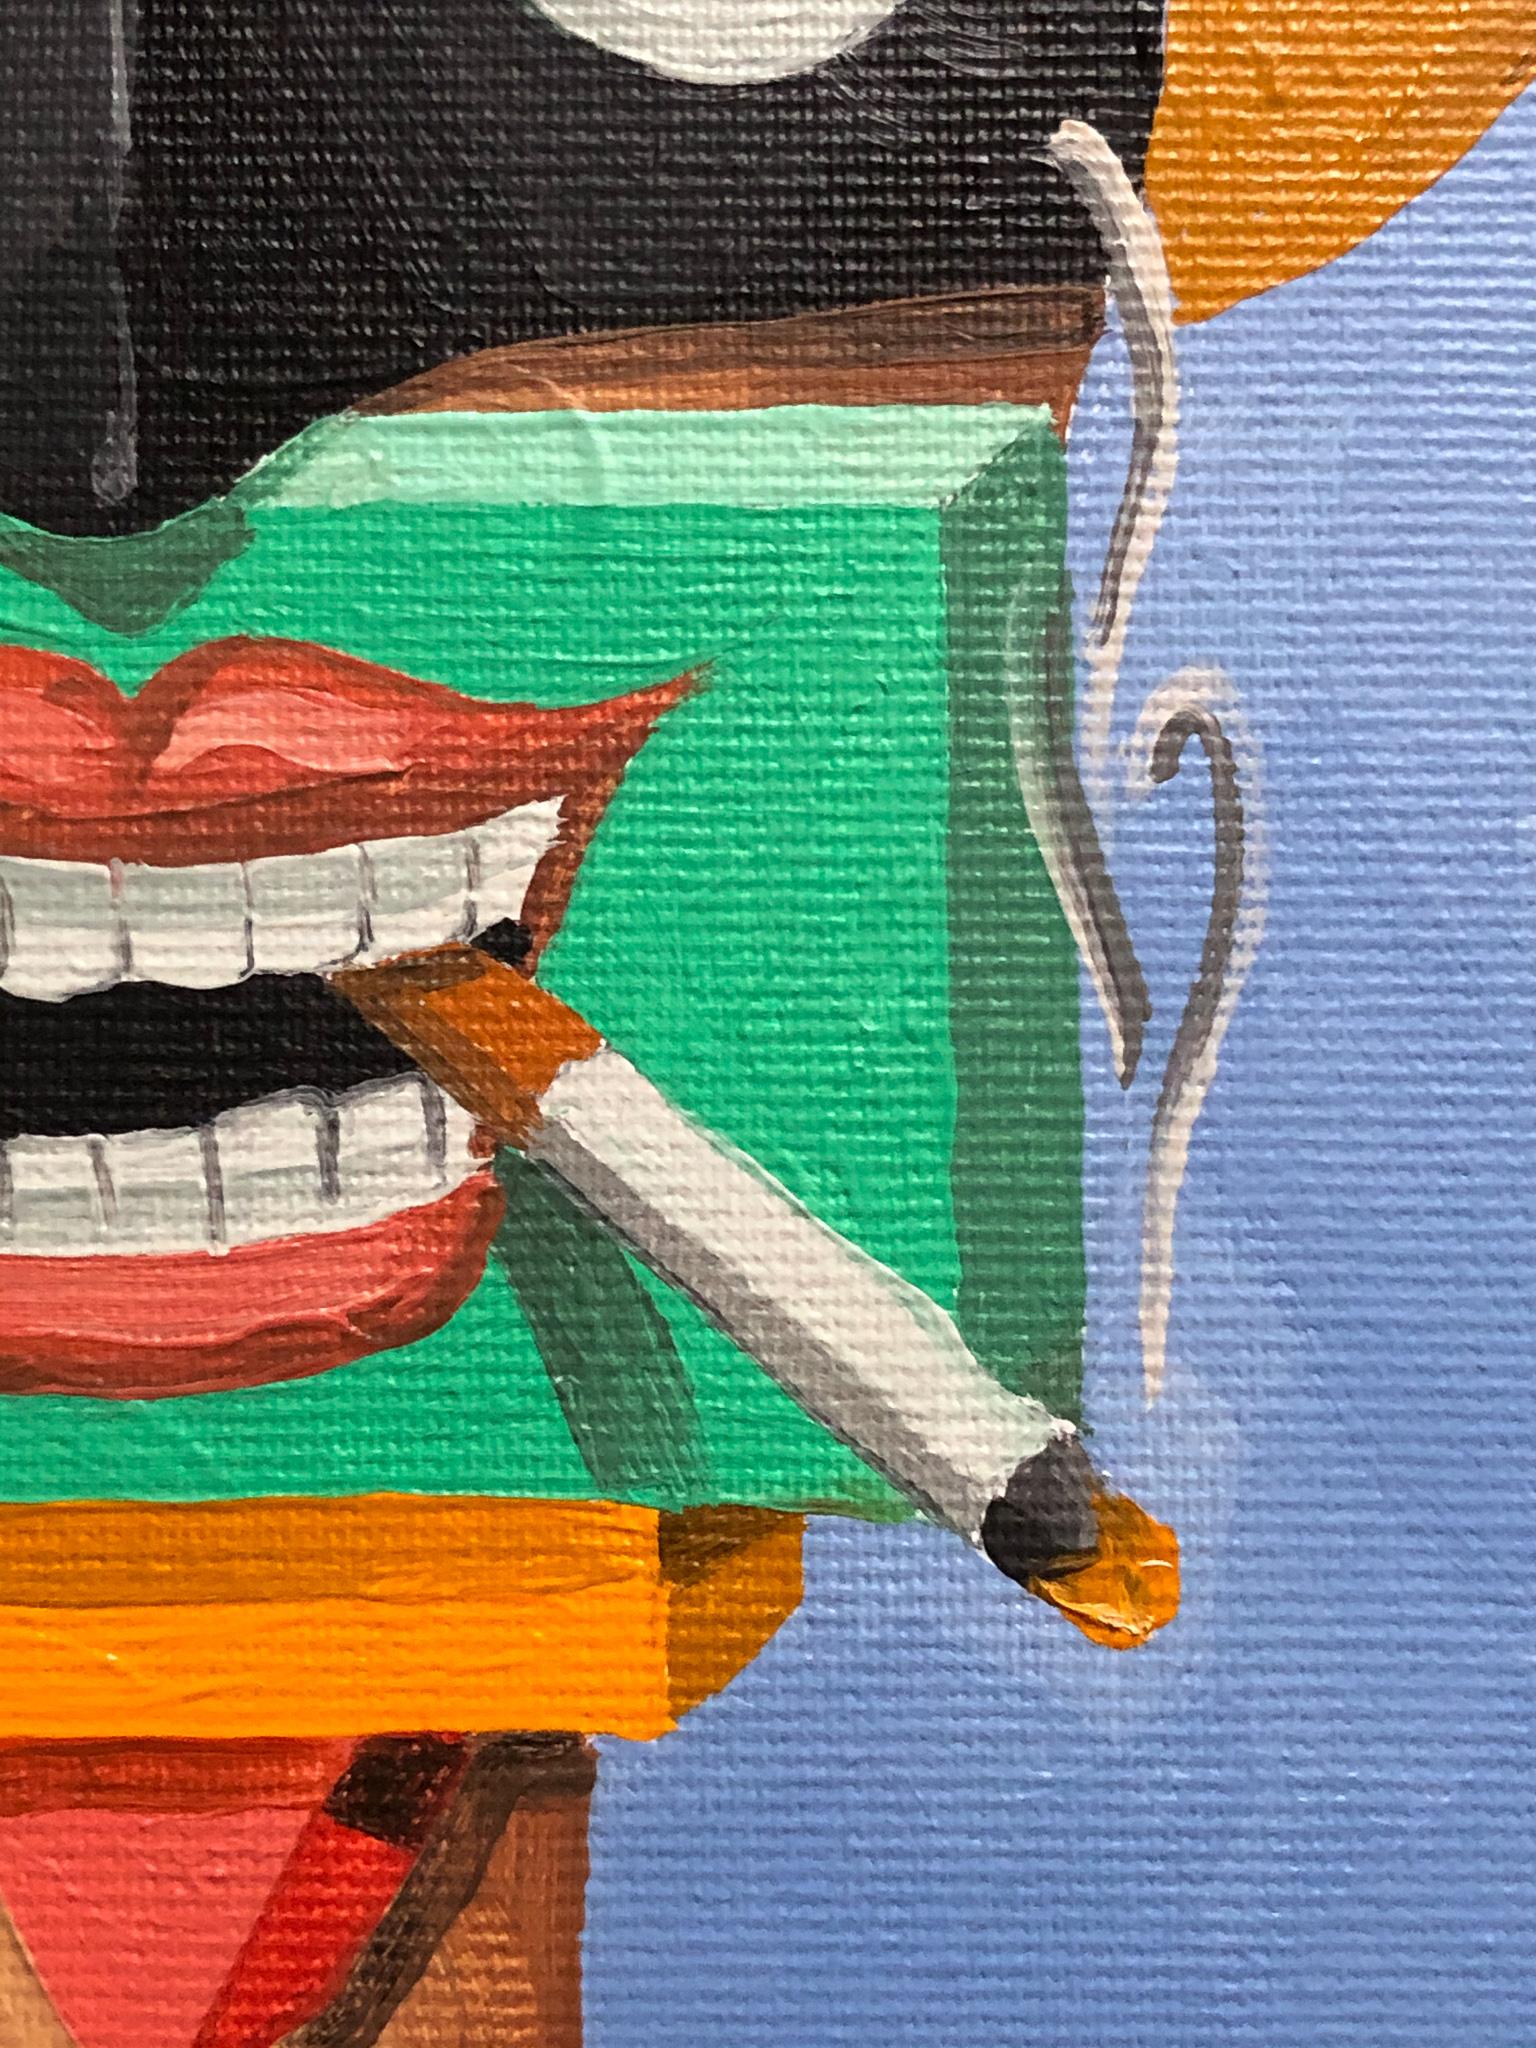 Batfrau und Lauch Detail 01